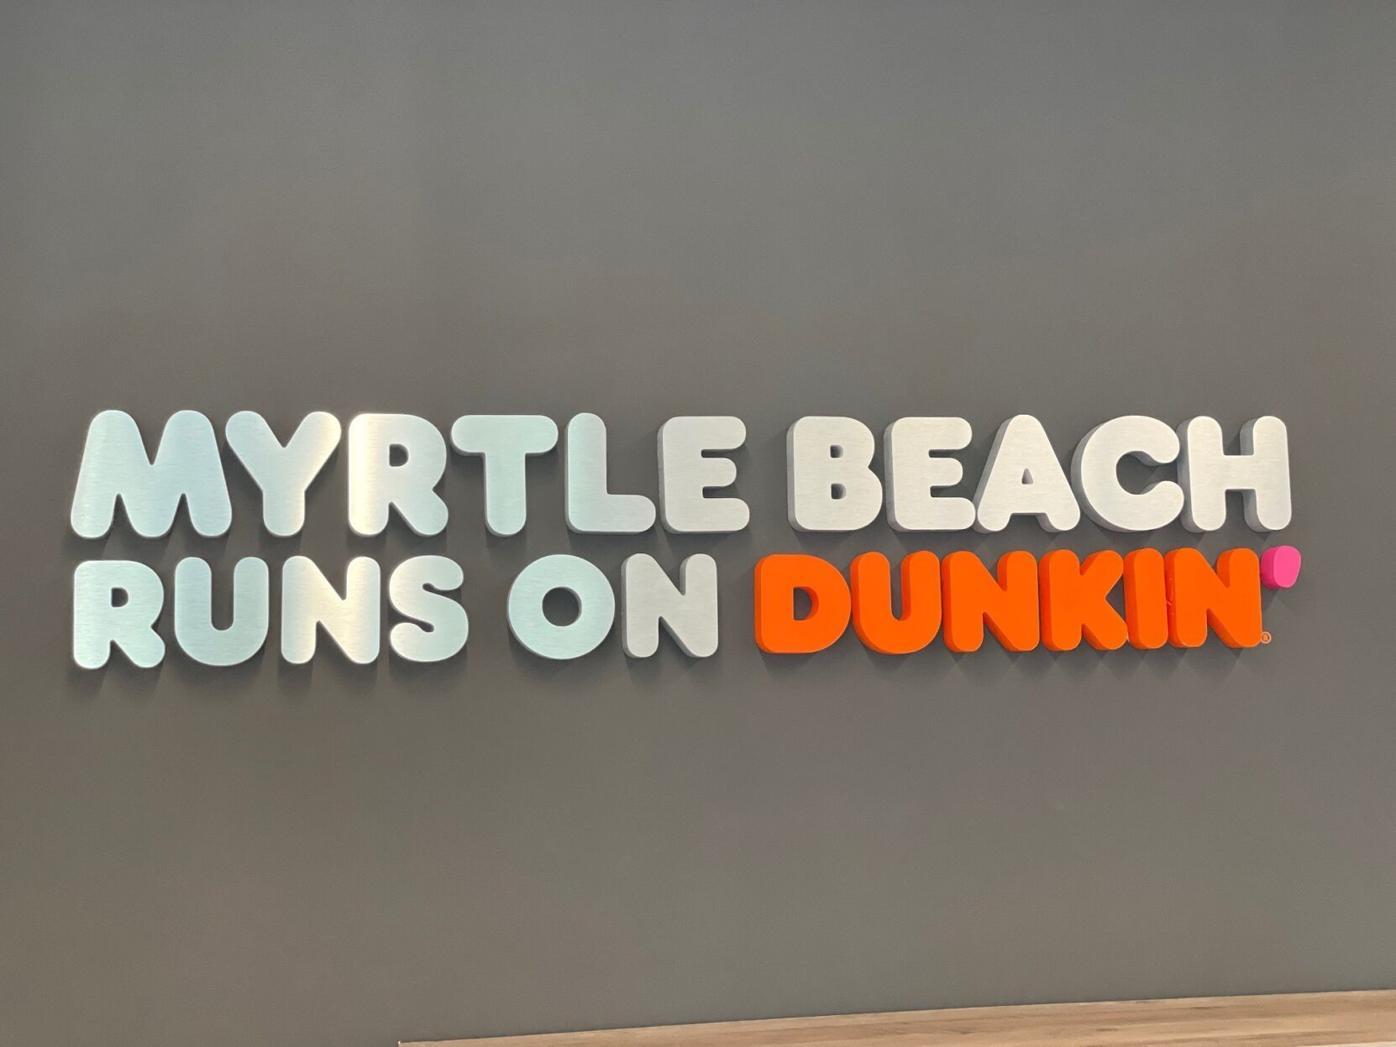 New Dunkin Donuts Myrtle Beach